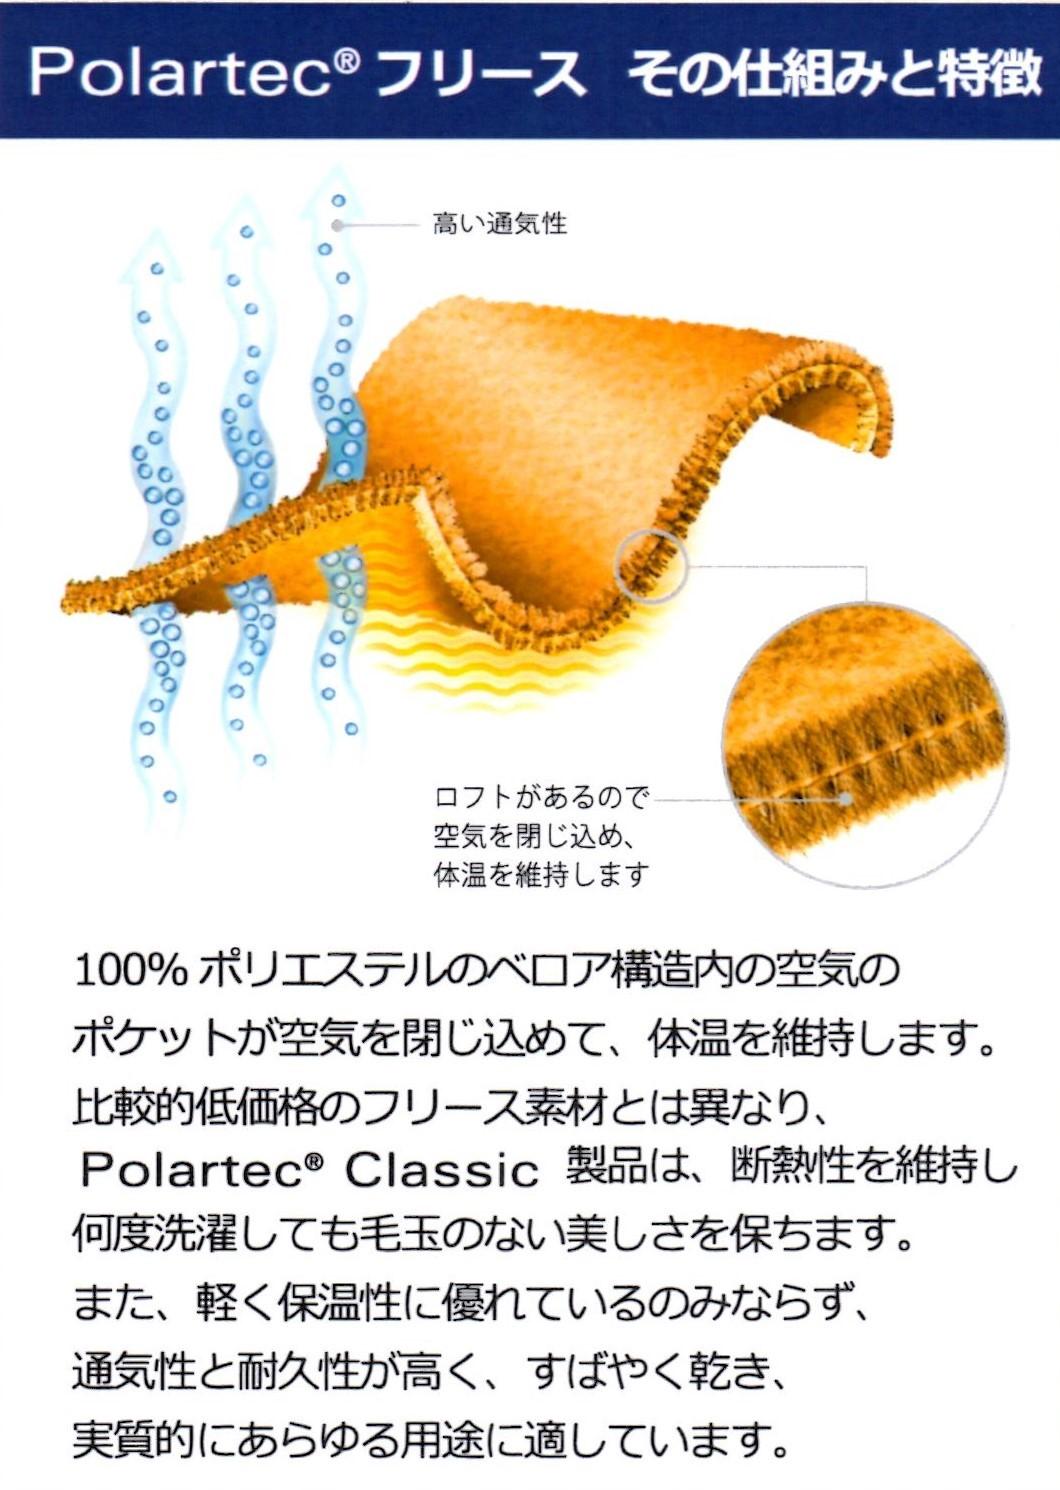 ポーラテックフリースブランケット(毛布)